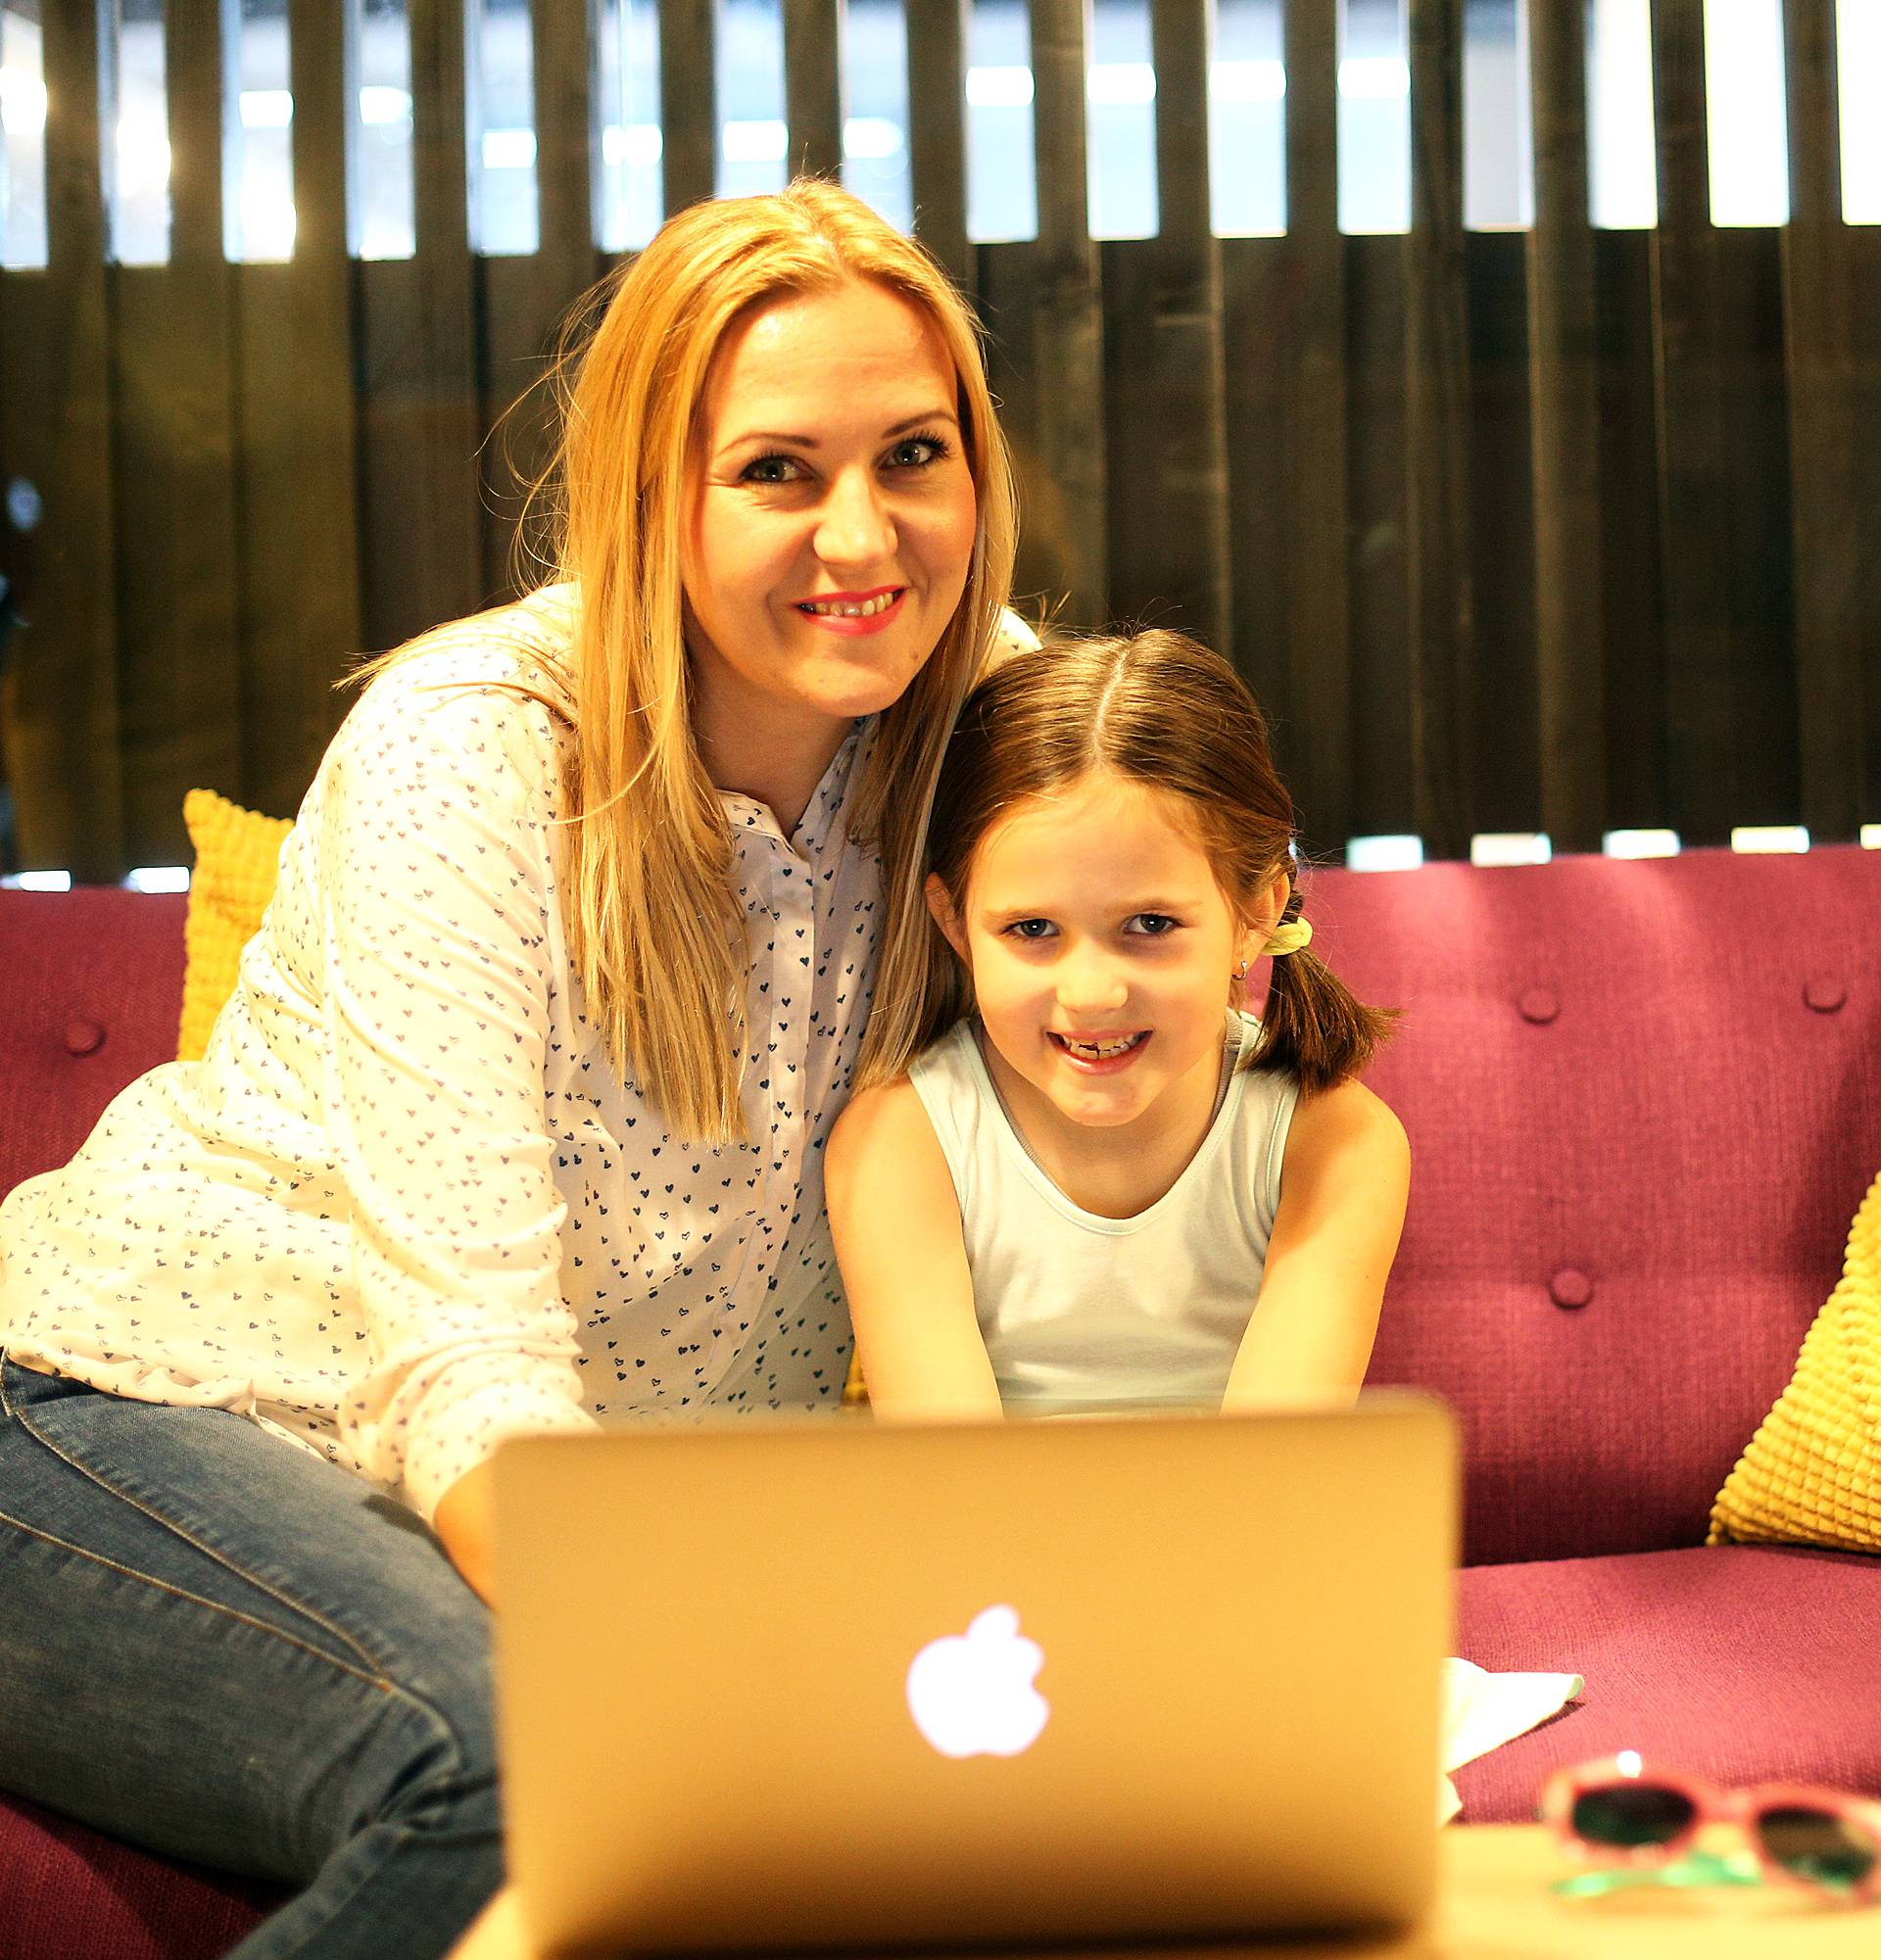 Djeca trebaju biti 'za ekranima' manje od pola sata - dnevno